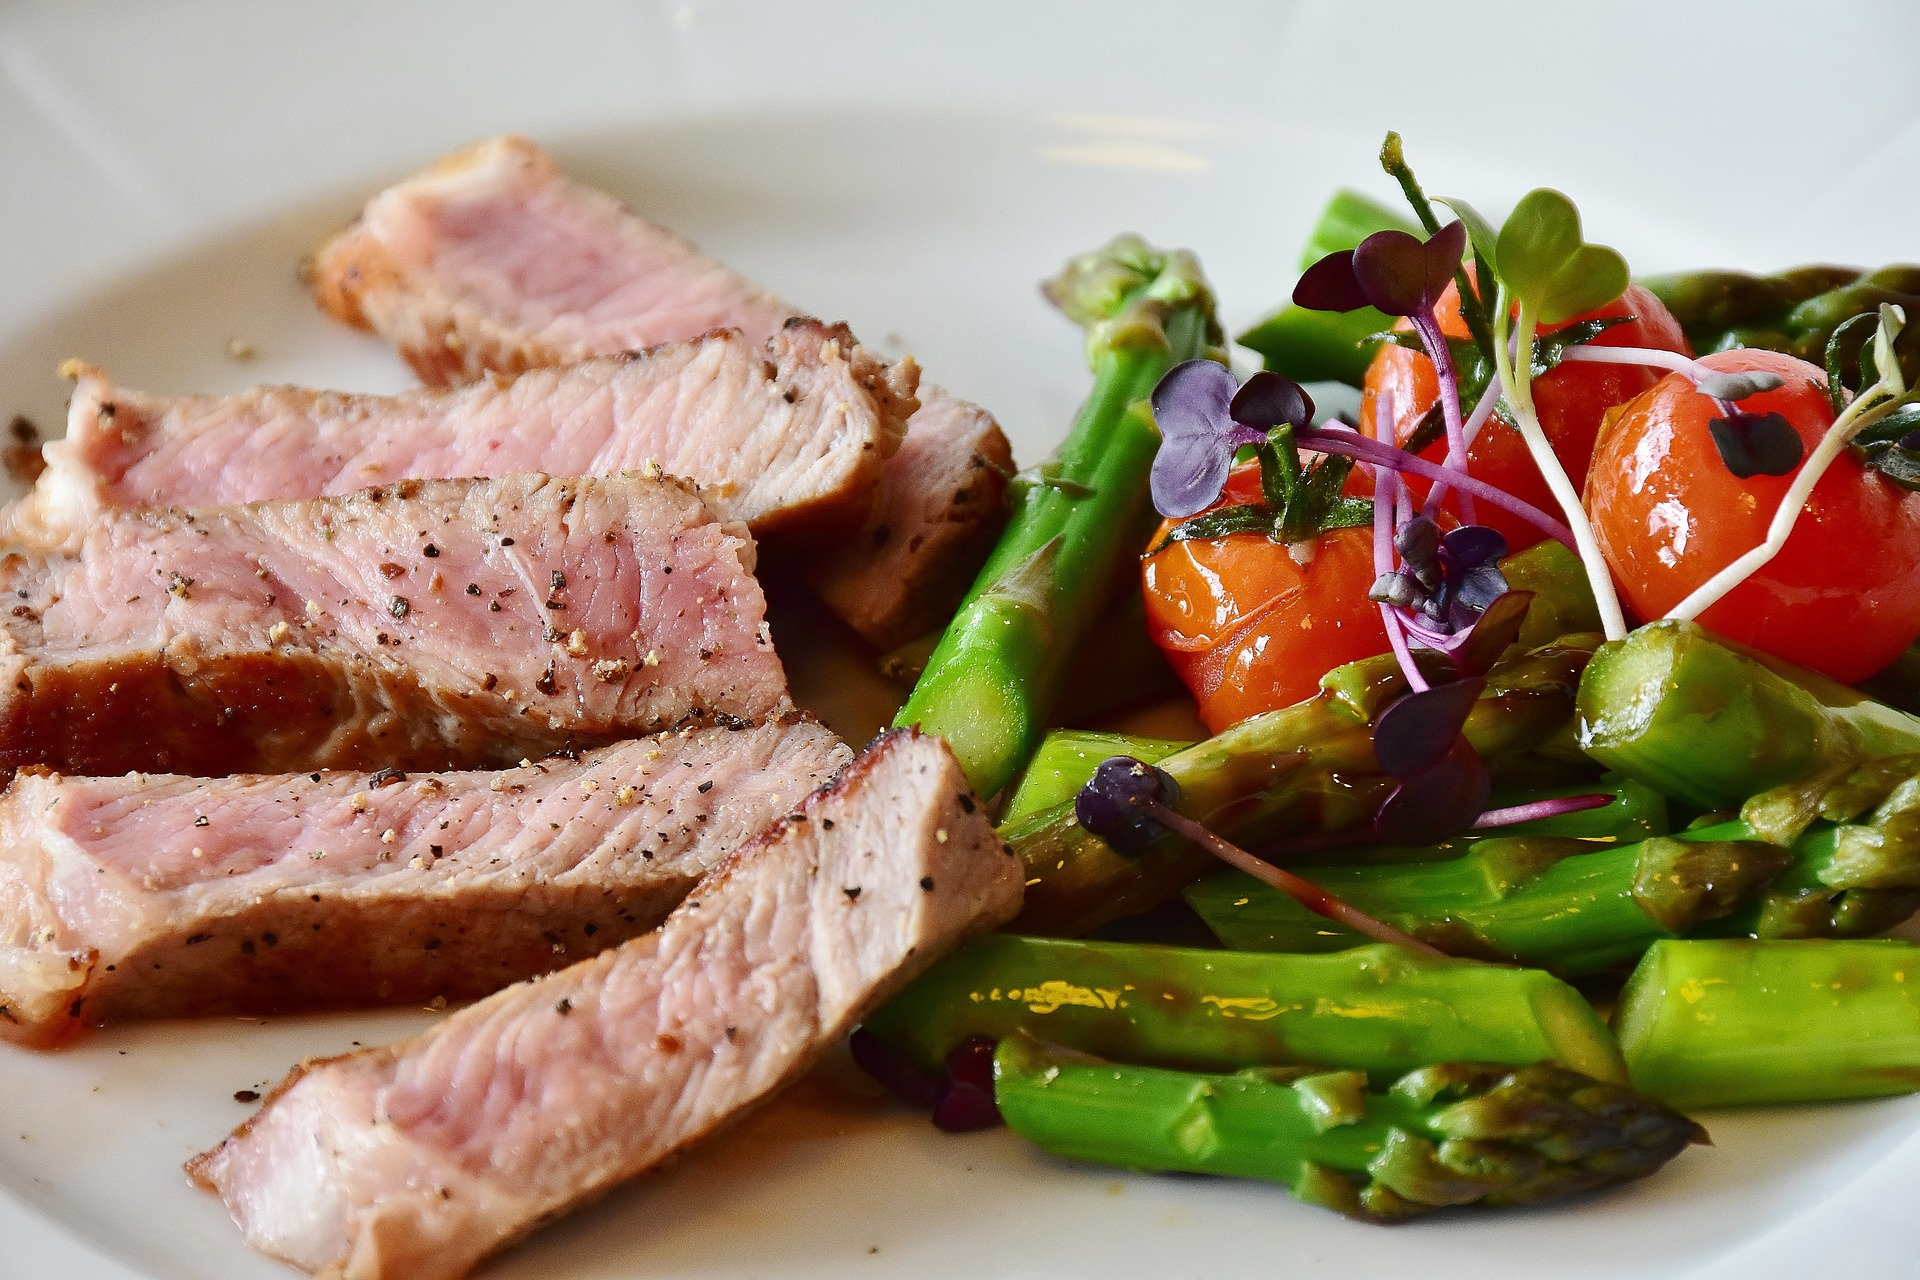 Zelenina je ideální příloha k masu / foto: pixabay.com